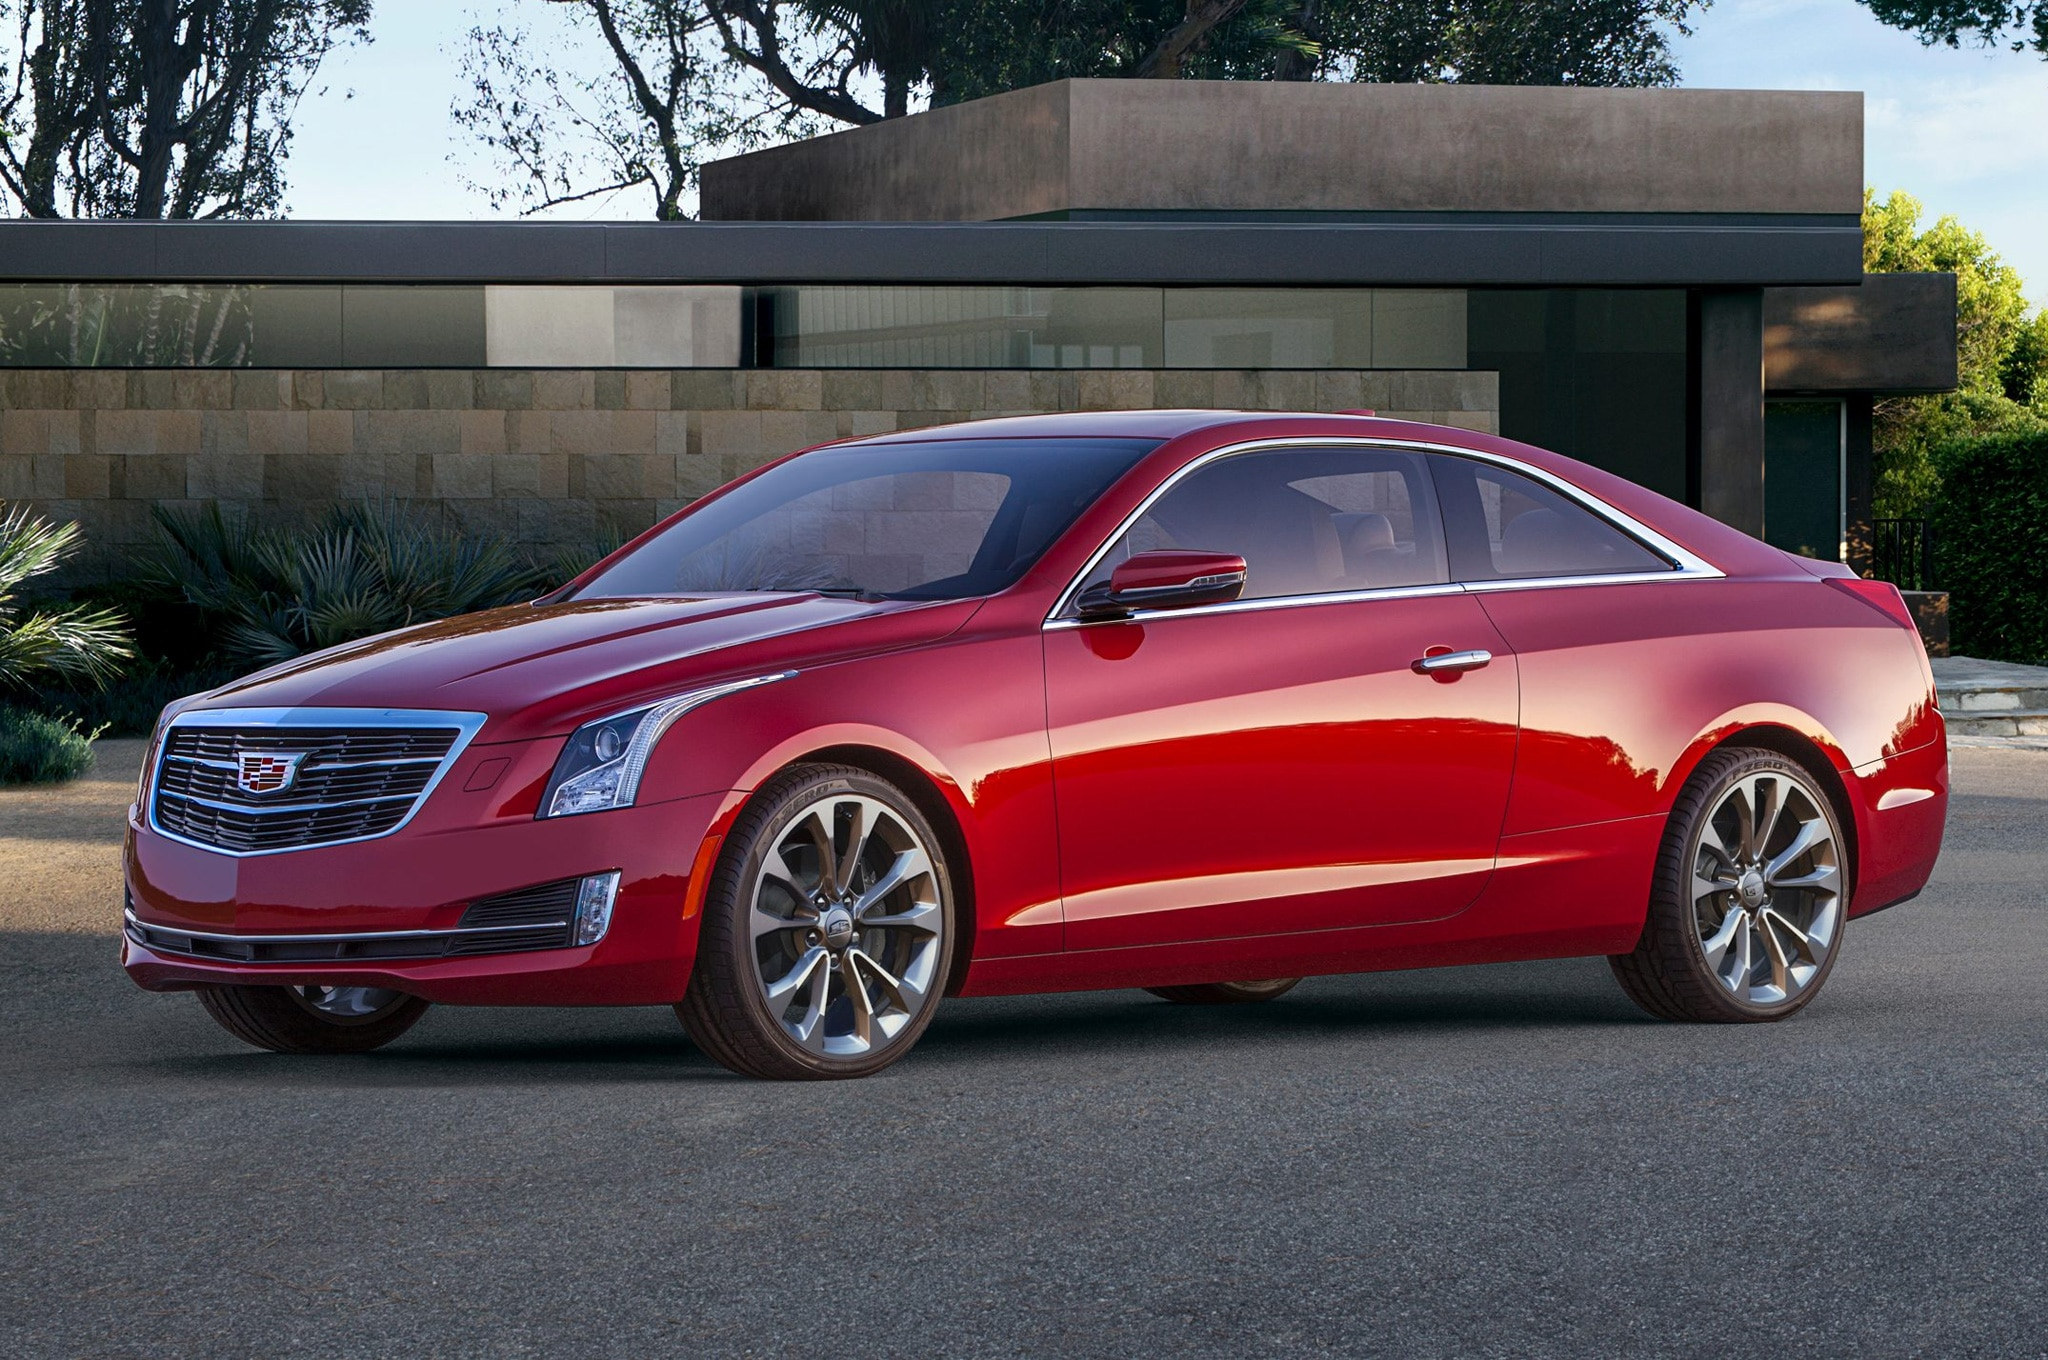 Cadillac Ats V Coupe >> 2015 Cadillac ATS Coupe Priced at $38,990